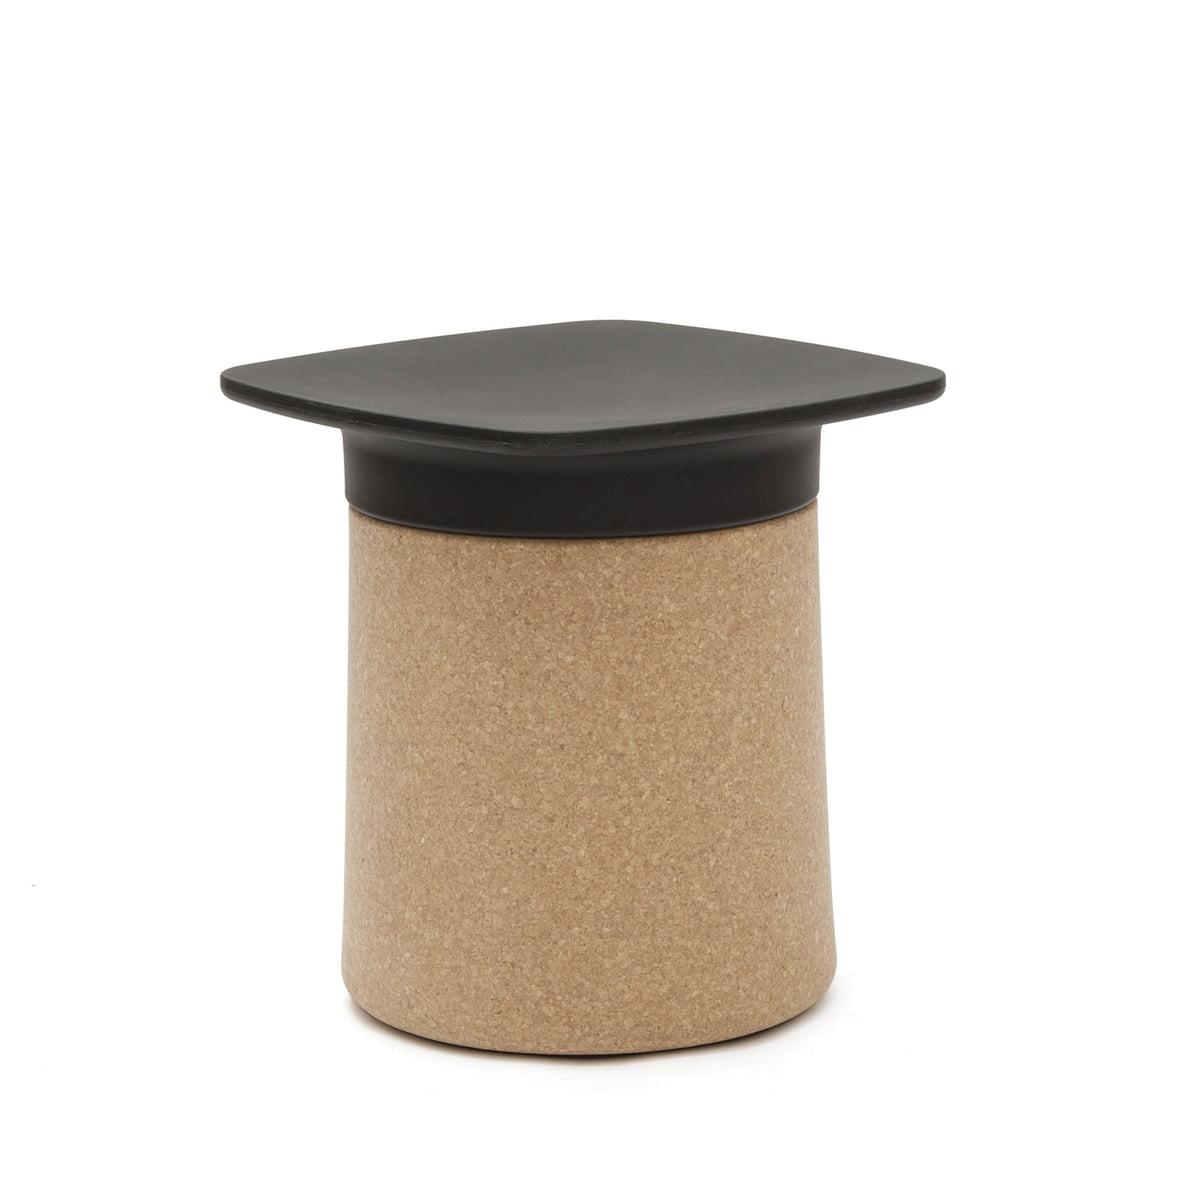 Kristalia degree couchtisch kork schwarzerdeckel freisteller 01